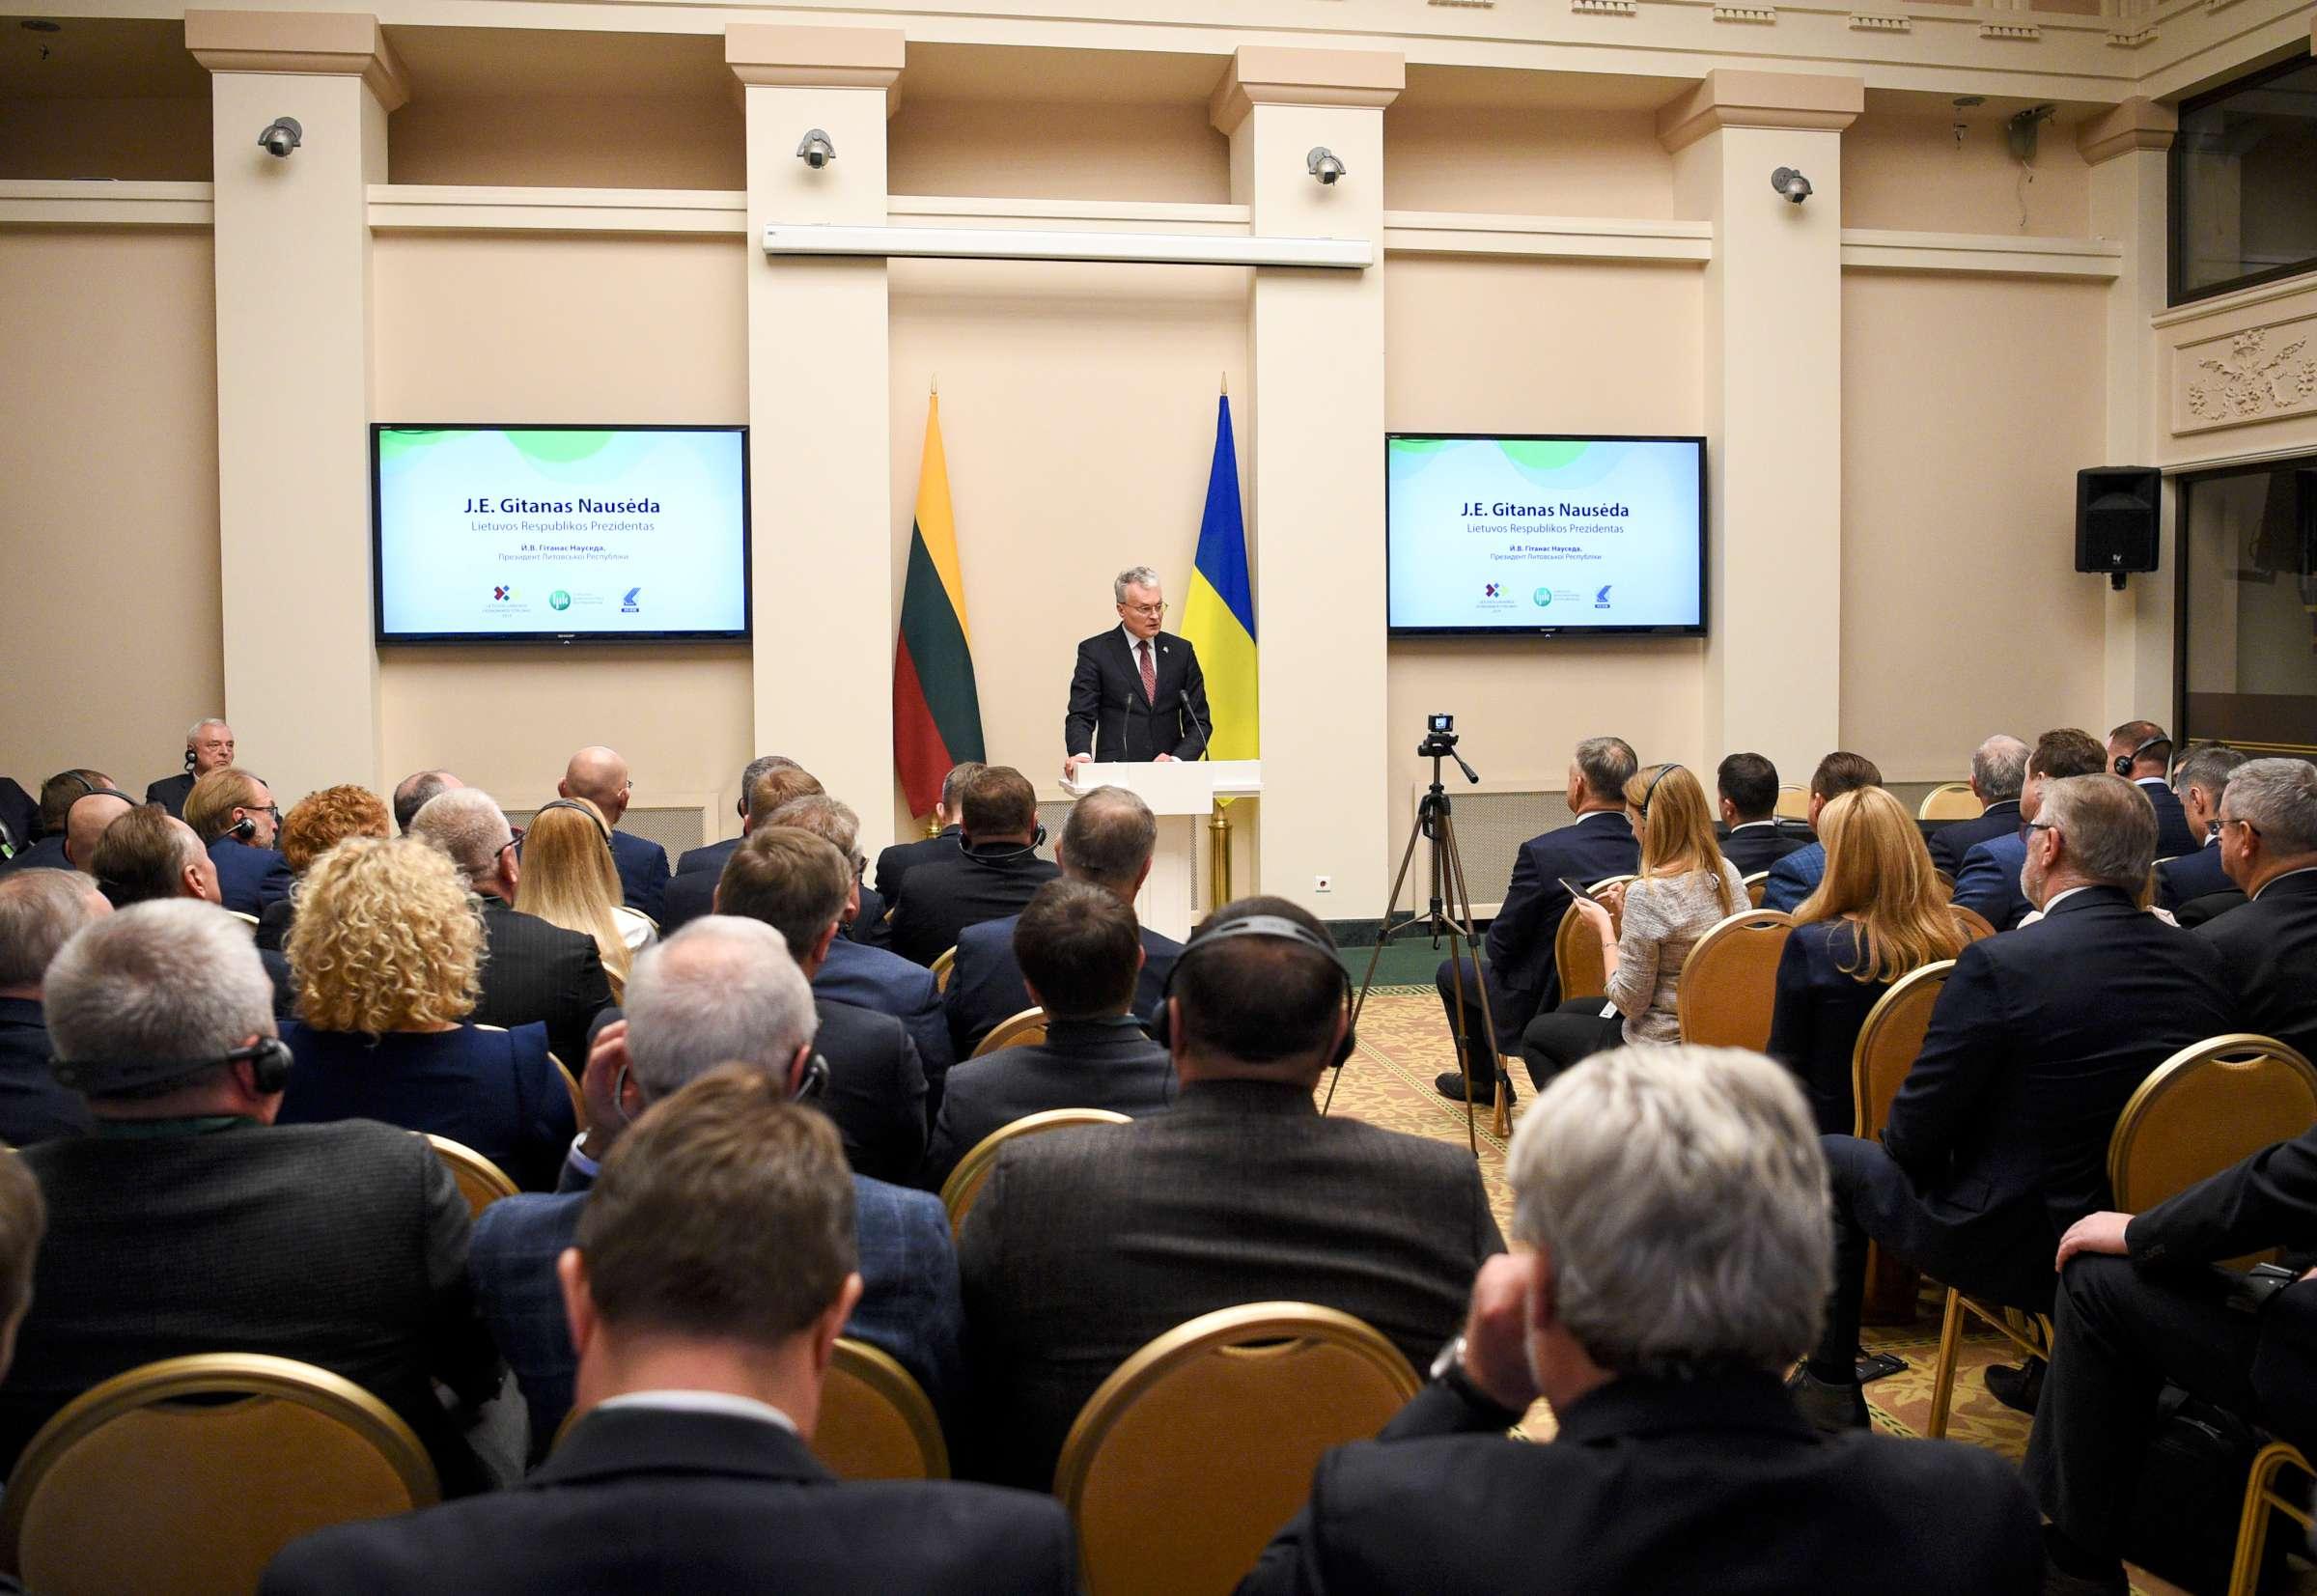 Lietuvos Respublikos Prezidentas pasveikino Ukrainos ir Lietuvos ekonomikos forumo dalyvius | lrp.lt, R. Dačkaus nuotr.